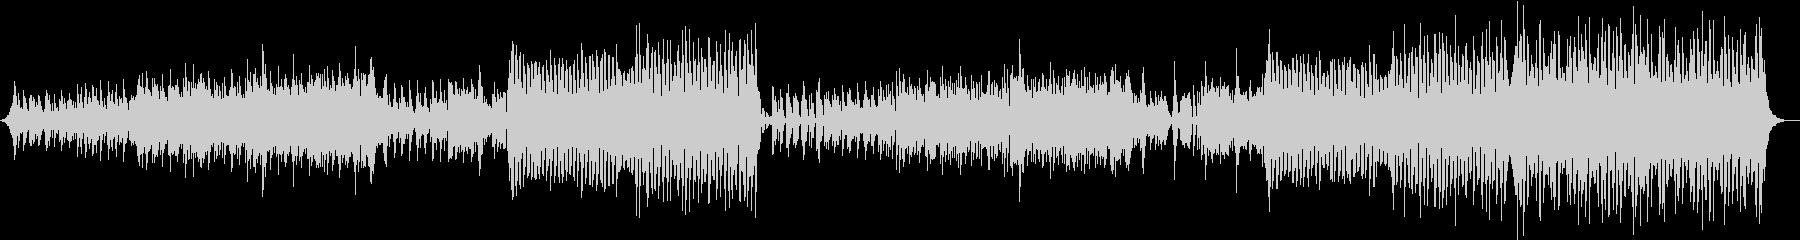 軽快ピアノEDM和風の未再生の波形